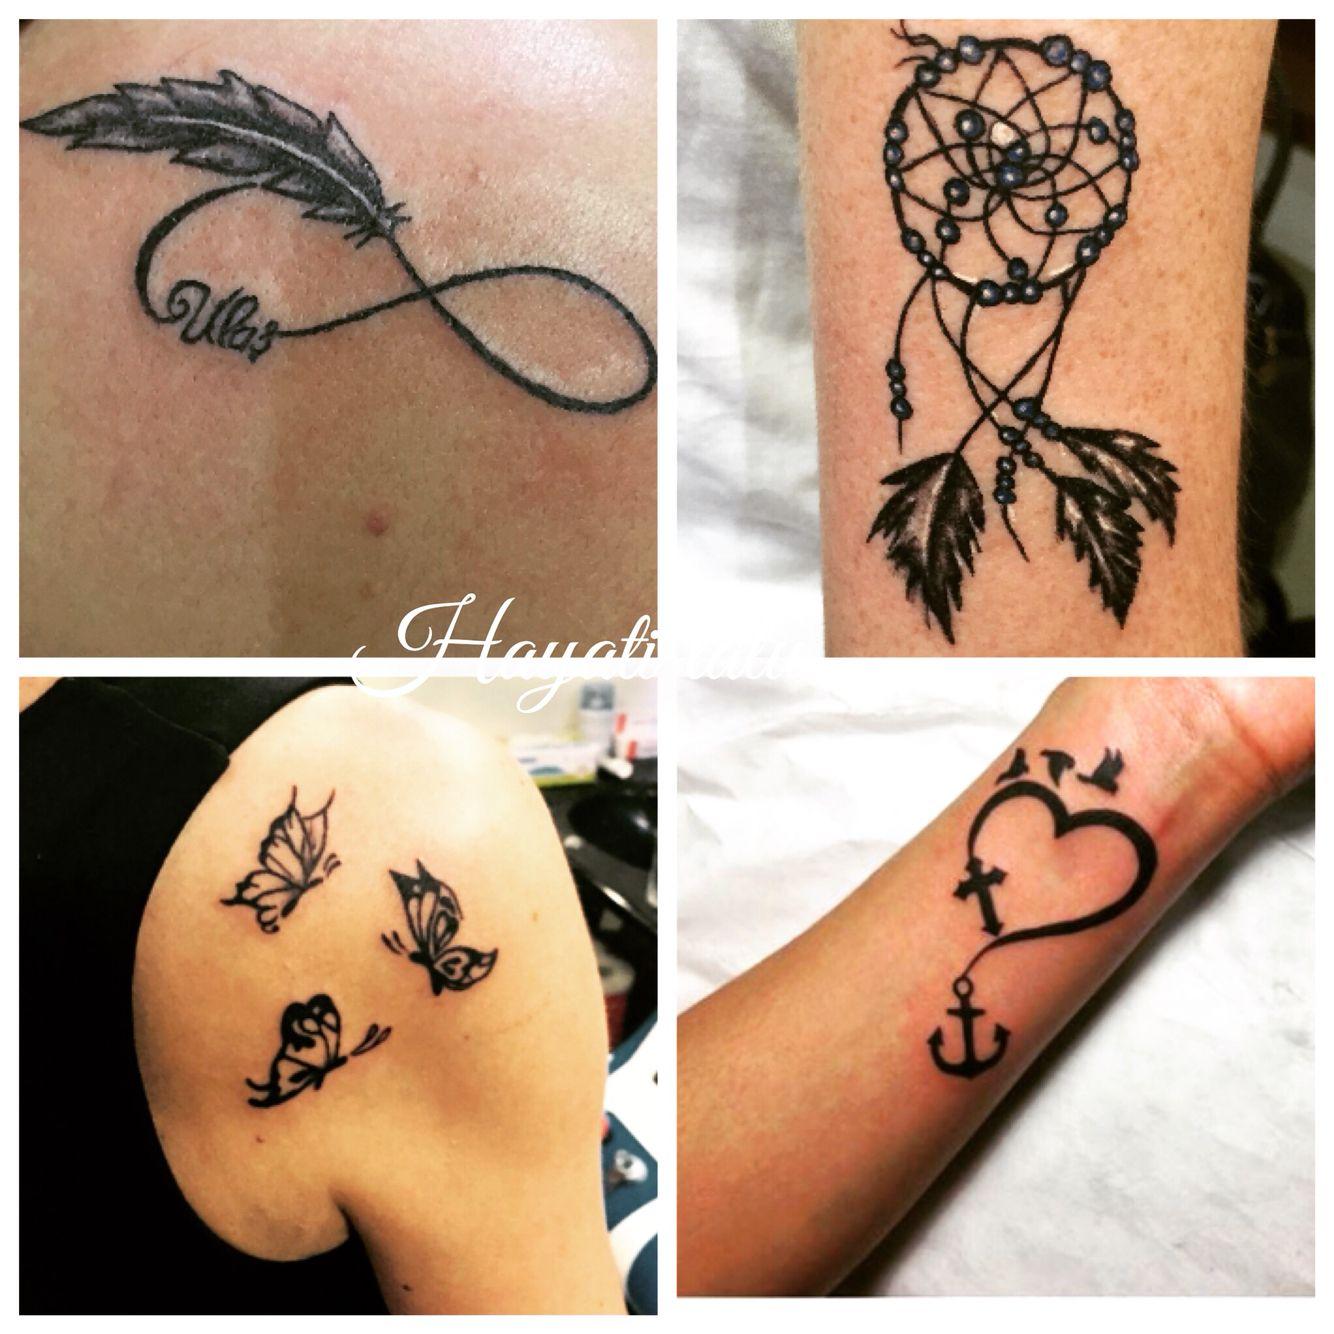 Kız için güzel dövme. Güzel küçük dövmeler: bilekte, parmaklarda, omuzlarda